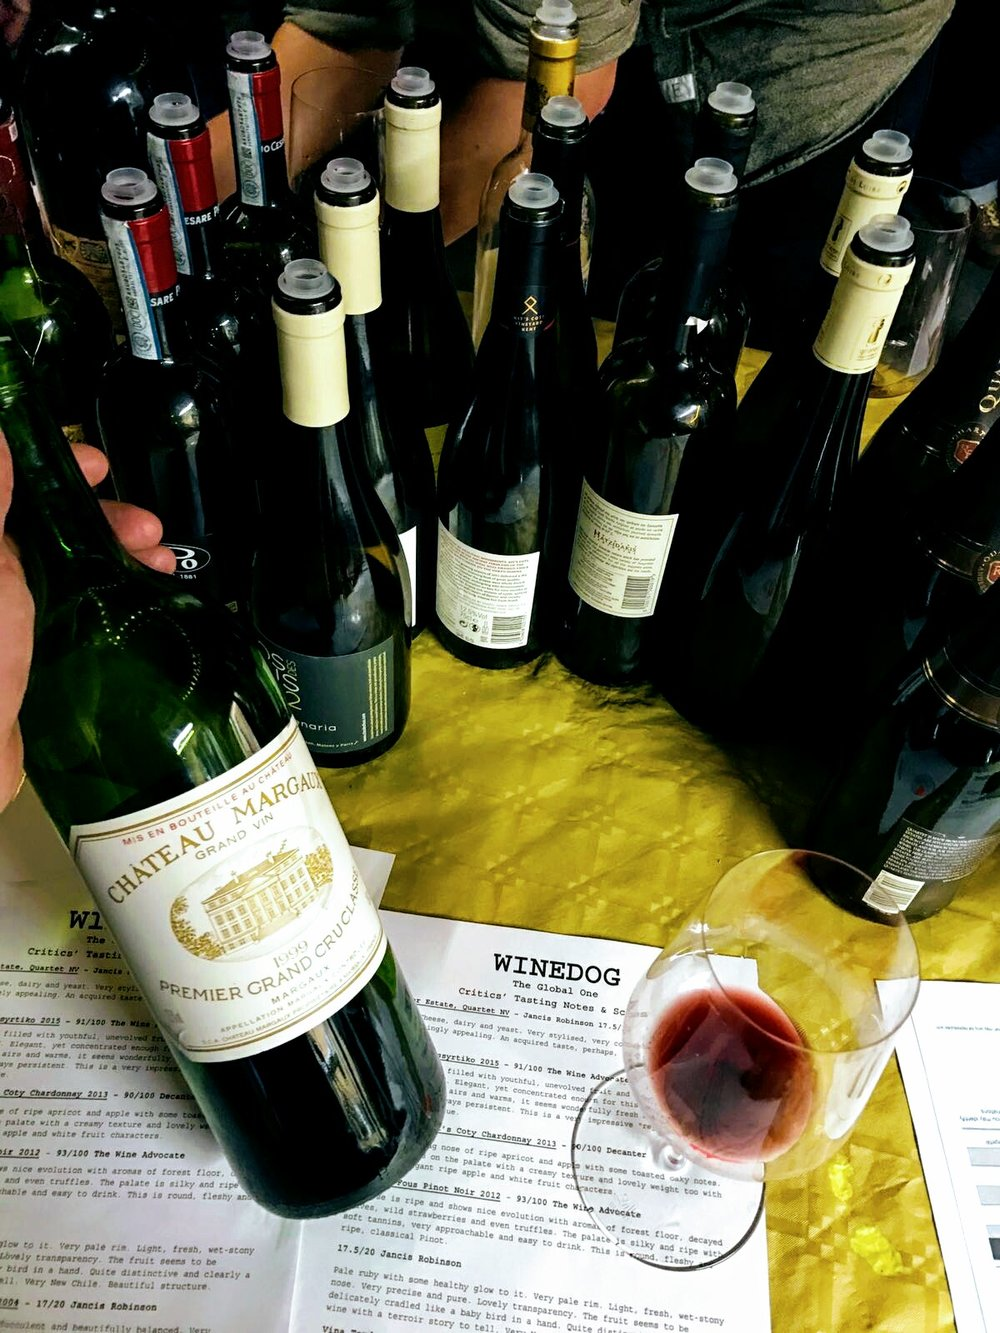 Blind tasting, definitely a 1999 Château Margaux..